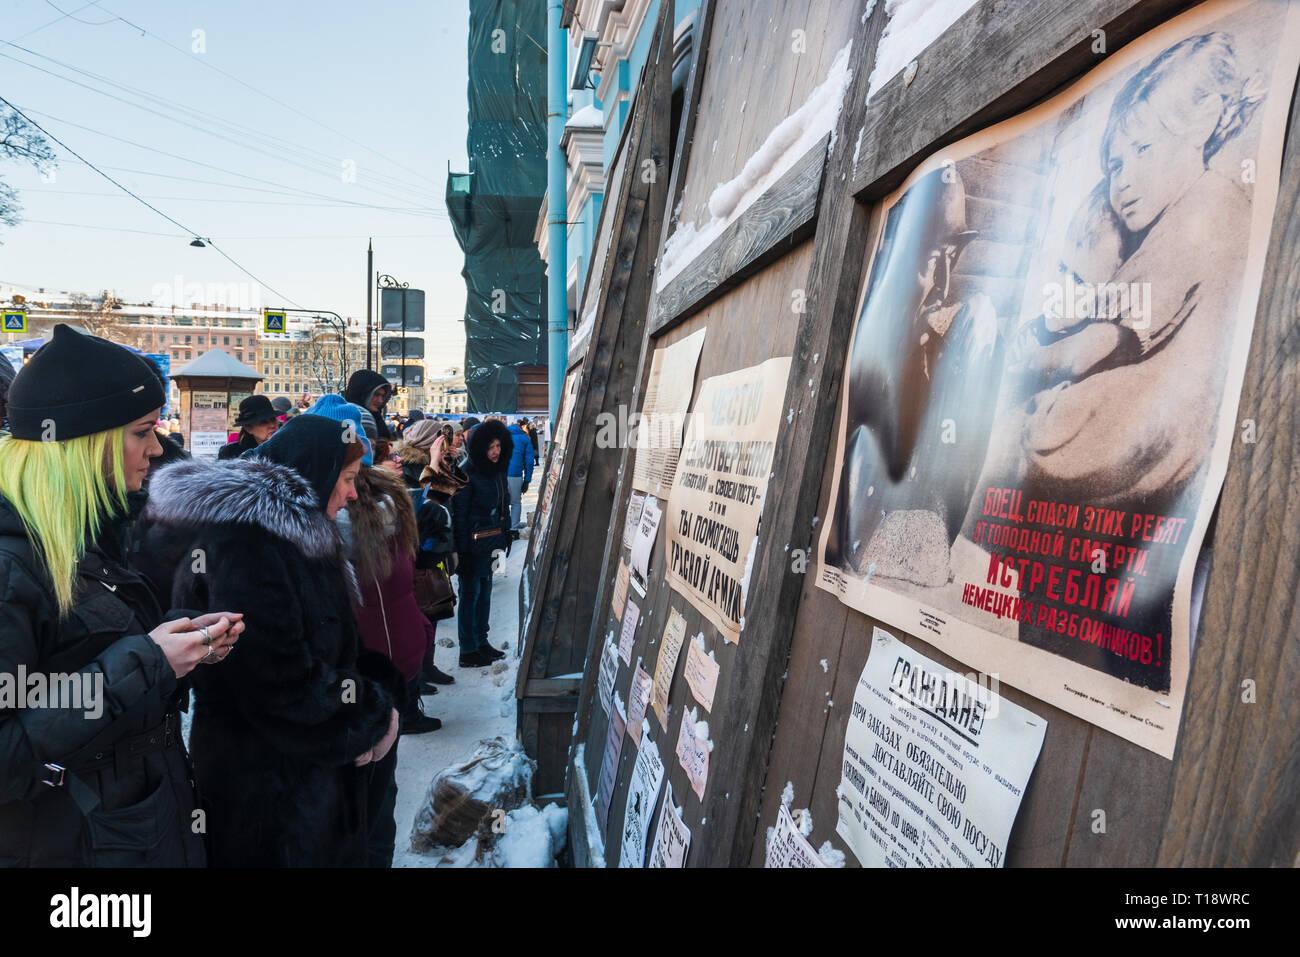 Les gens qui regardent les affiches soviétiques au cours de la 101ème anniversaire de la rupture de Blocus de Leningrad 1918, dans les rues de Saint-Pétersbourg (Russie). 90 Photo Stock